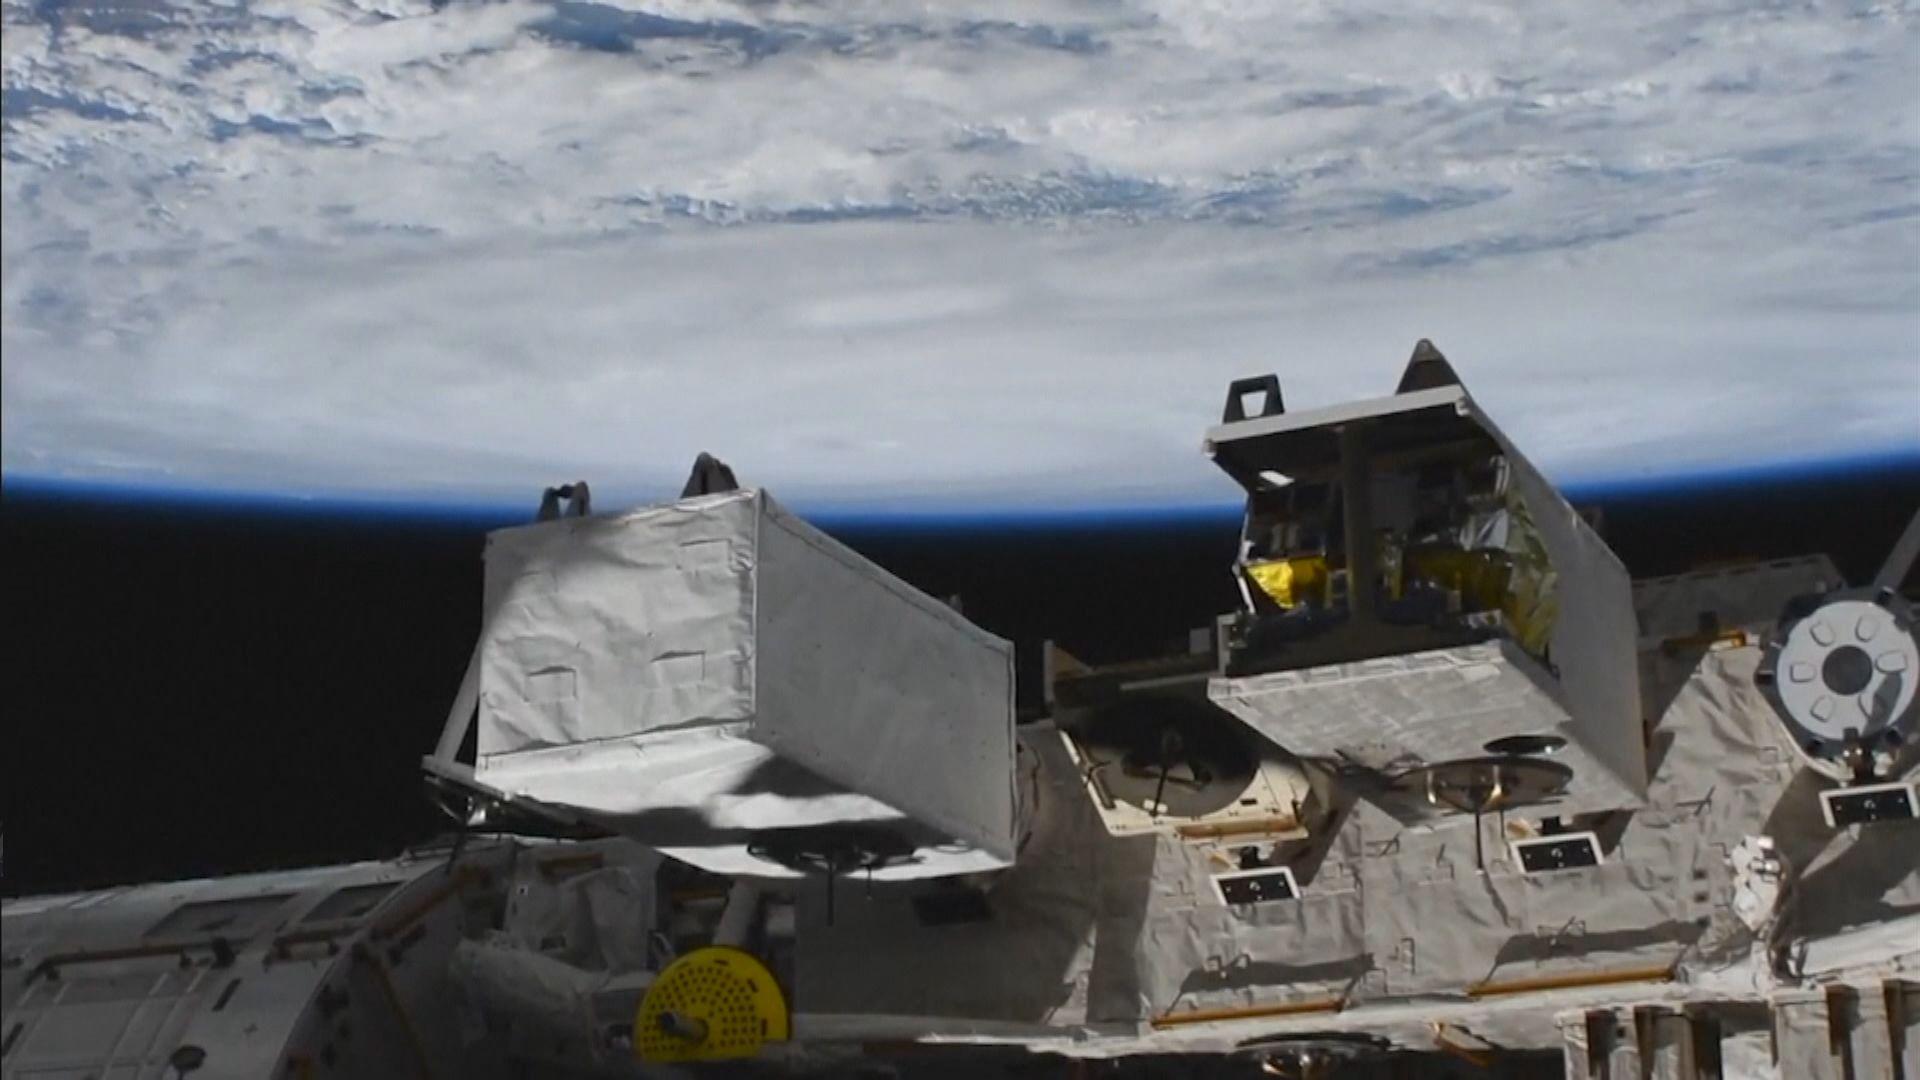 亞馬遜衛星網絡建設計劃獲美國當局批准